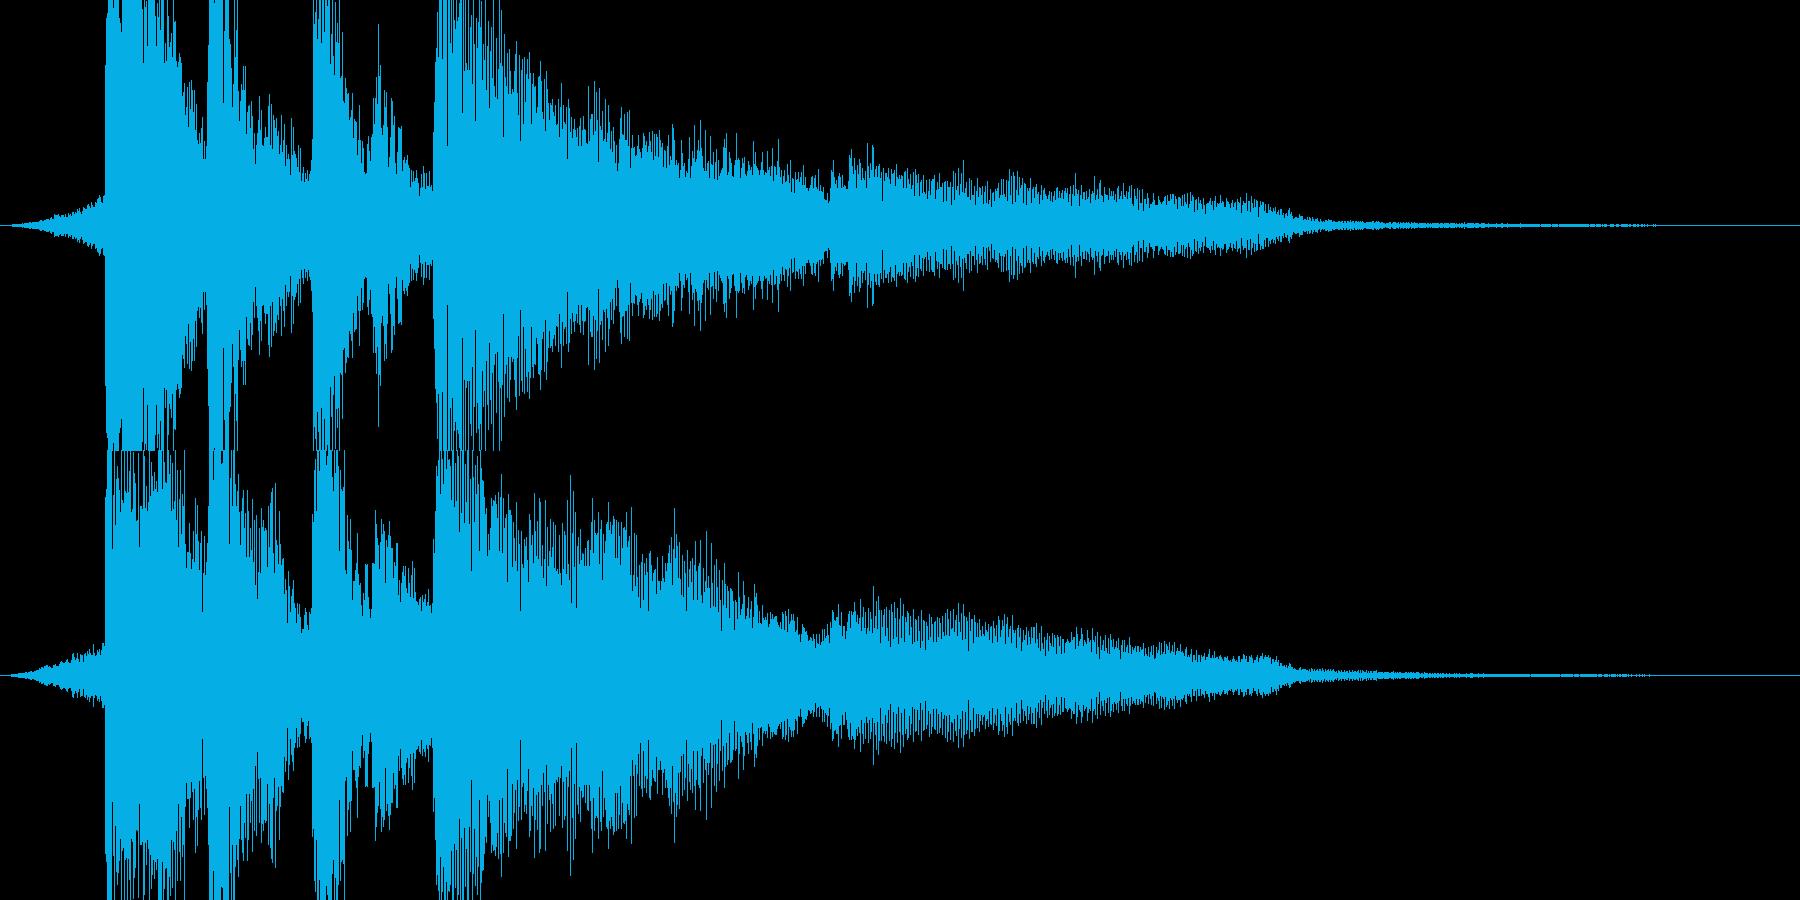 【ジングル】弦とピアノのお洒落なジングルの再生済みの波形